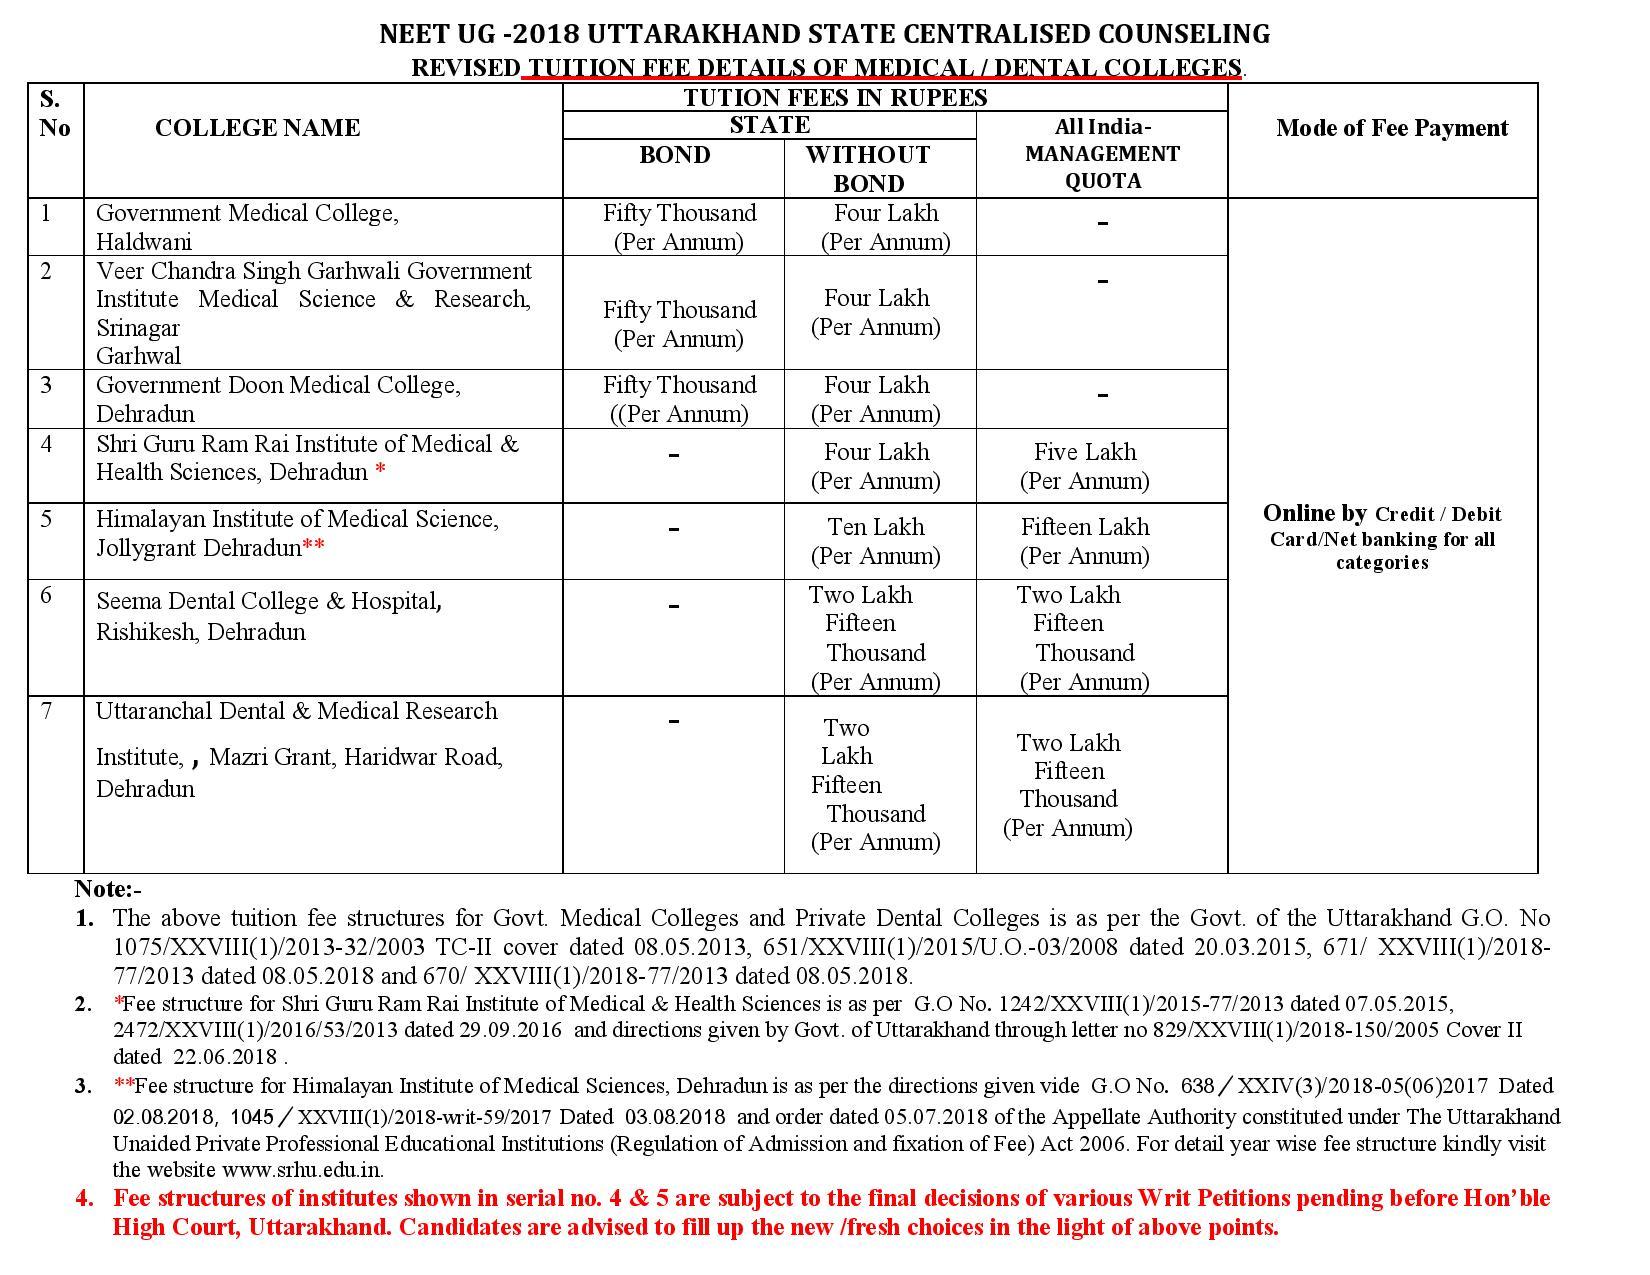 Uttarakhand mbbs bds fee